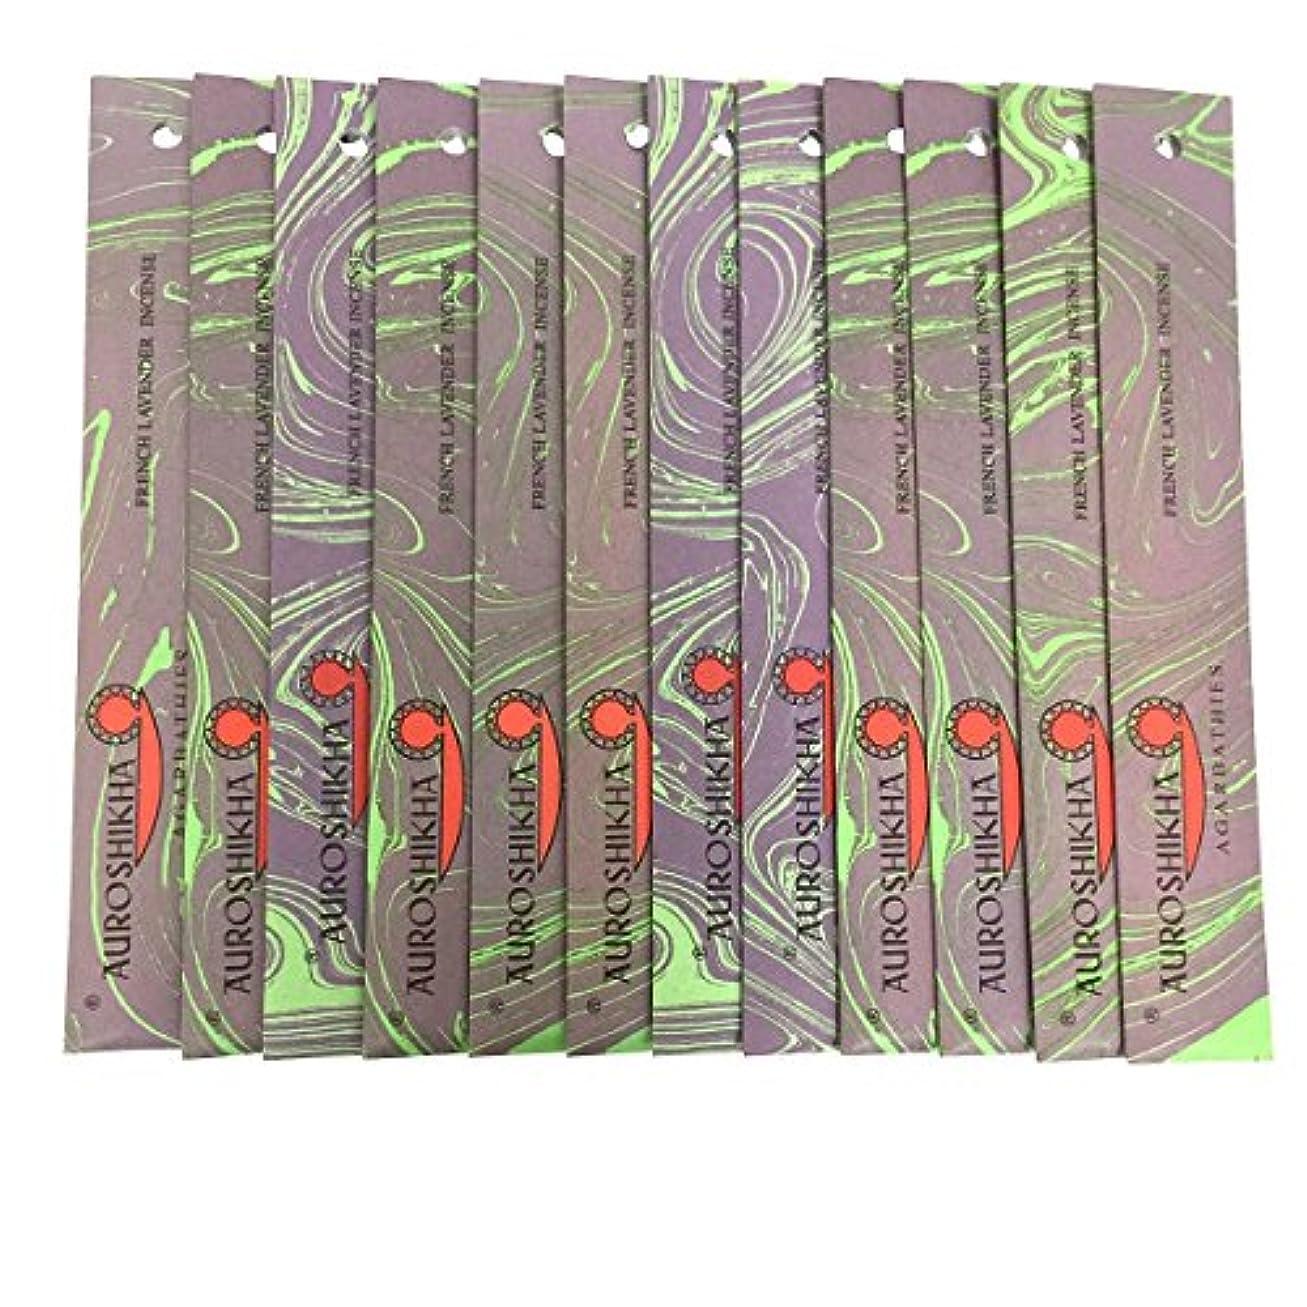 知的赤外線パターンAUROSHIKHA オウロシカ(FRENCHLAVENDERフレンチラベンダー12個セット) マーブルパッケージスティック /お香/インセンス/インド香